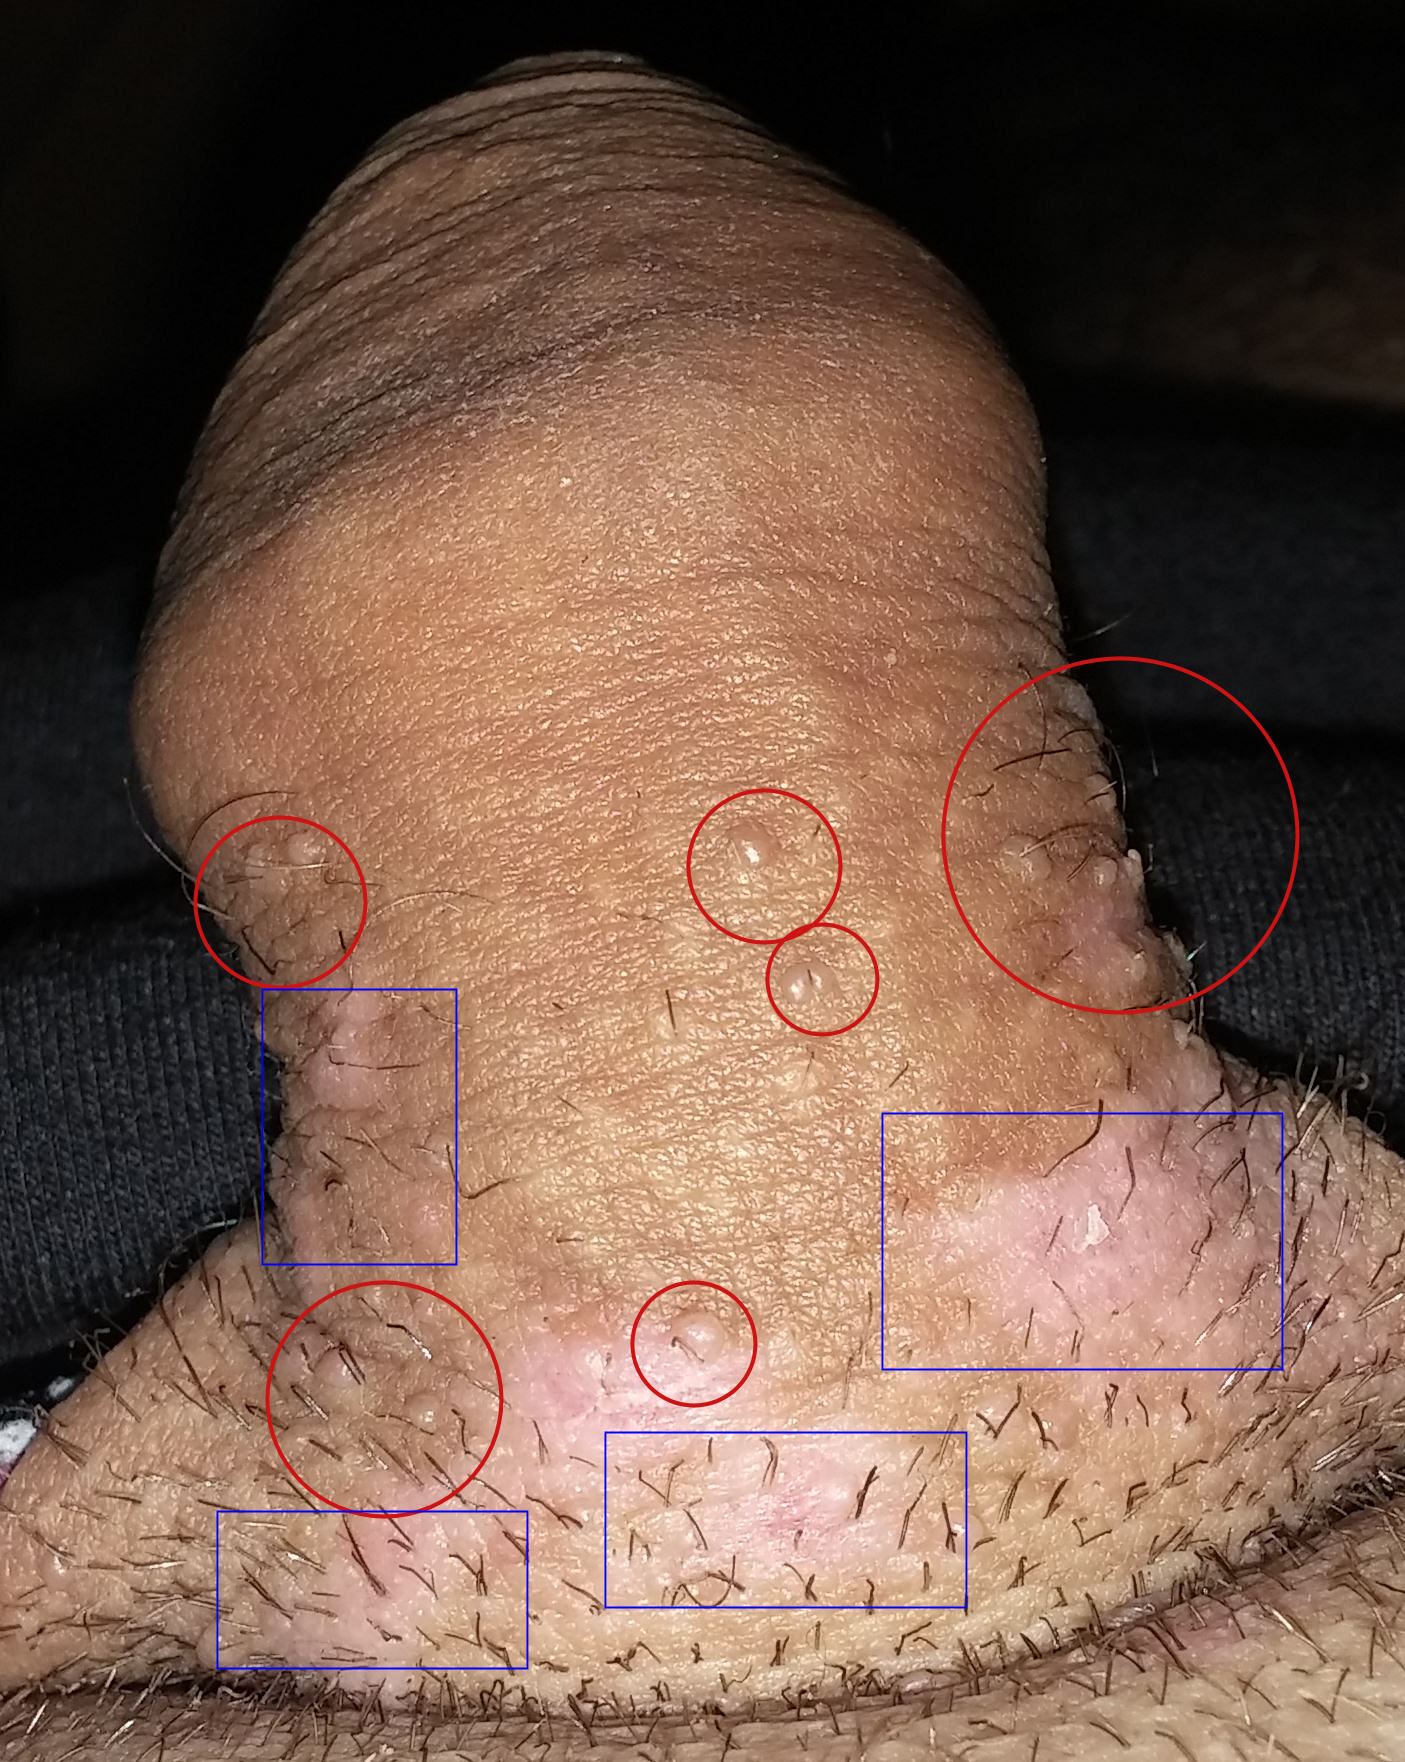 les symptomes du papillomavirus chez lhomme wart off on skin tags